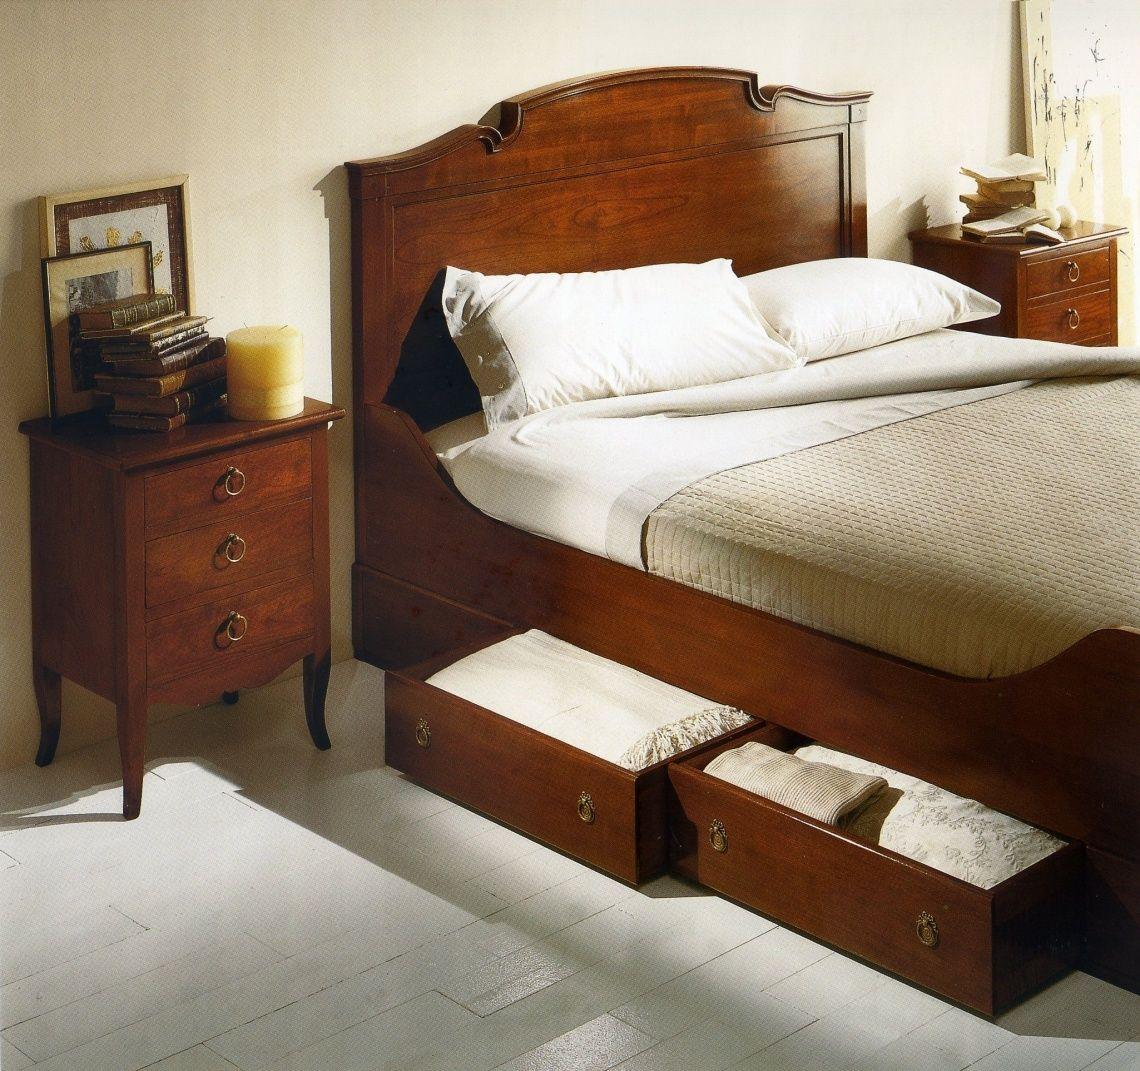 083 cama con cajones abajo en cerezo madera pinterest